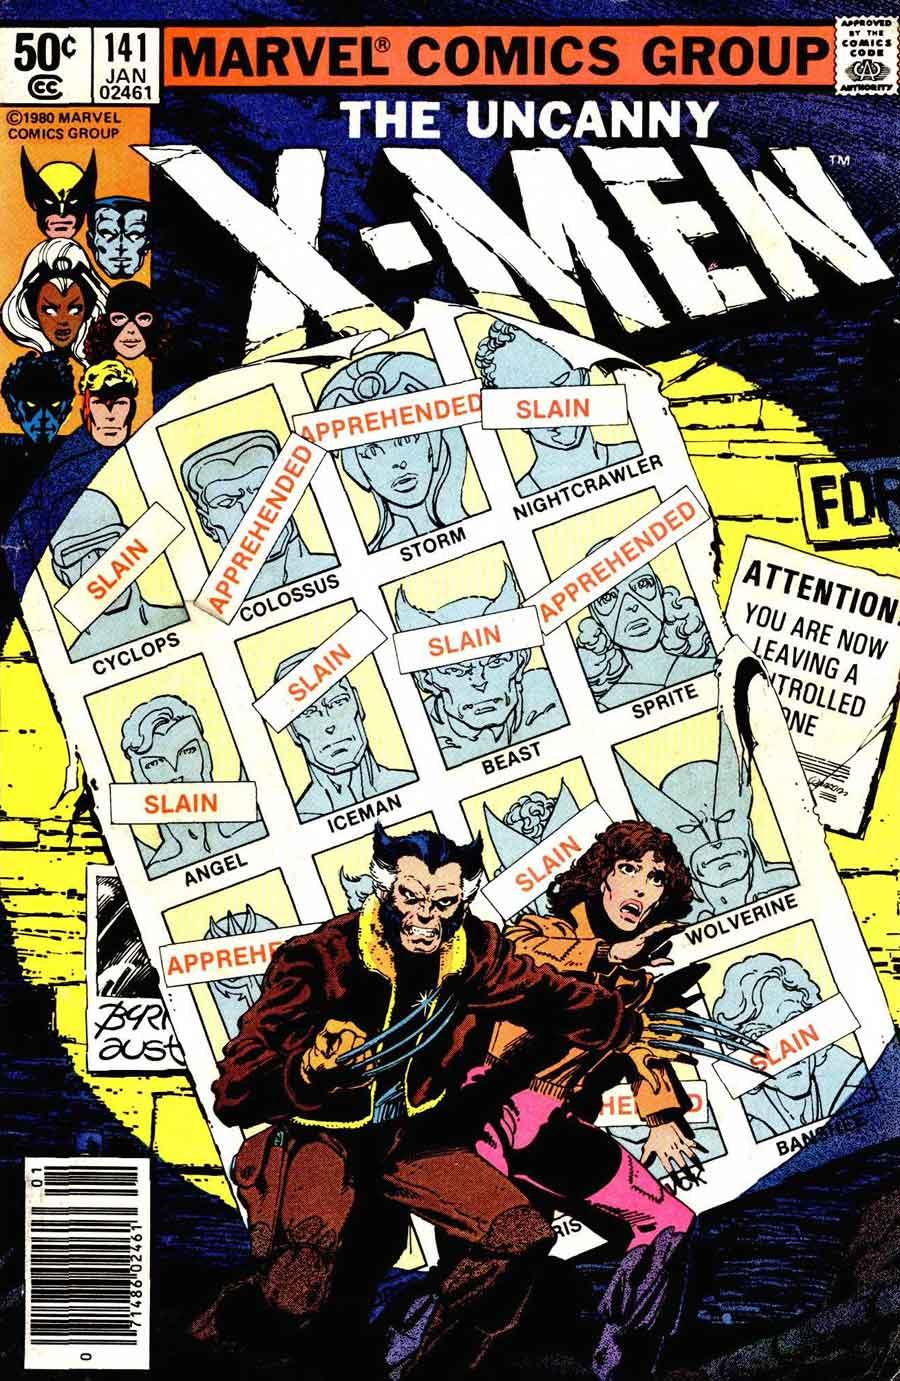 X-men v1 #141 marvel comic book cover art by John Byrne